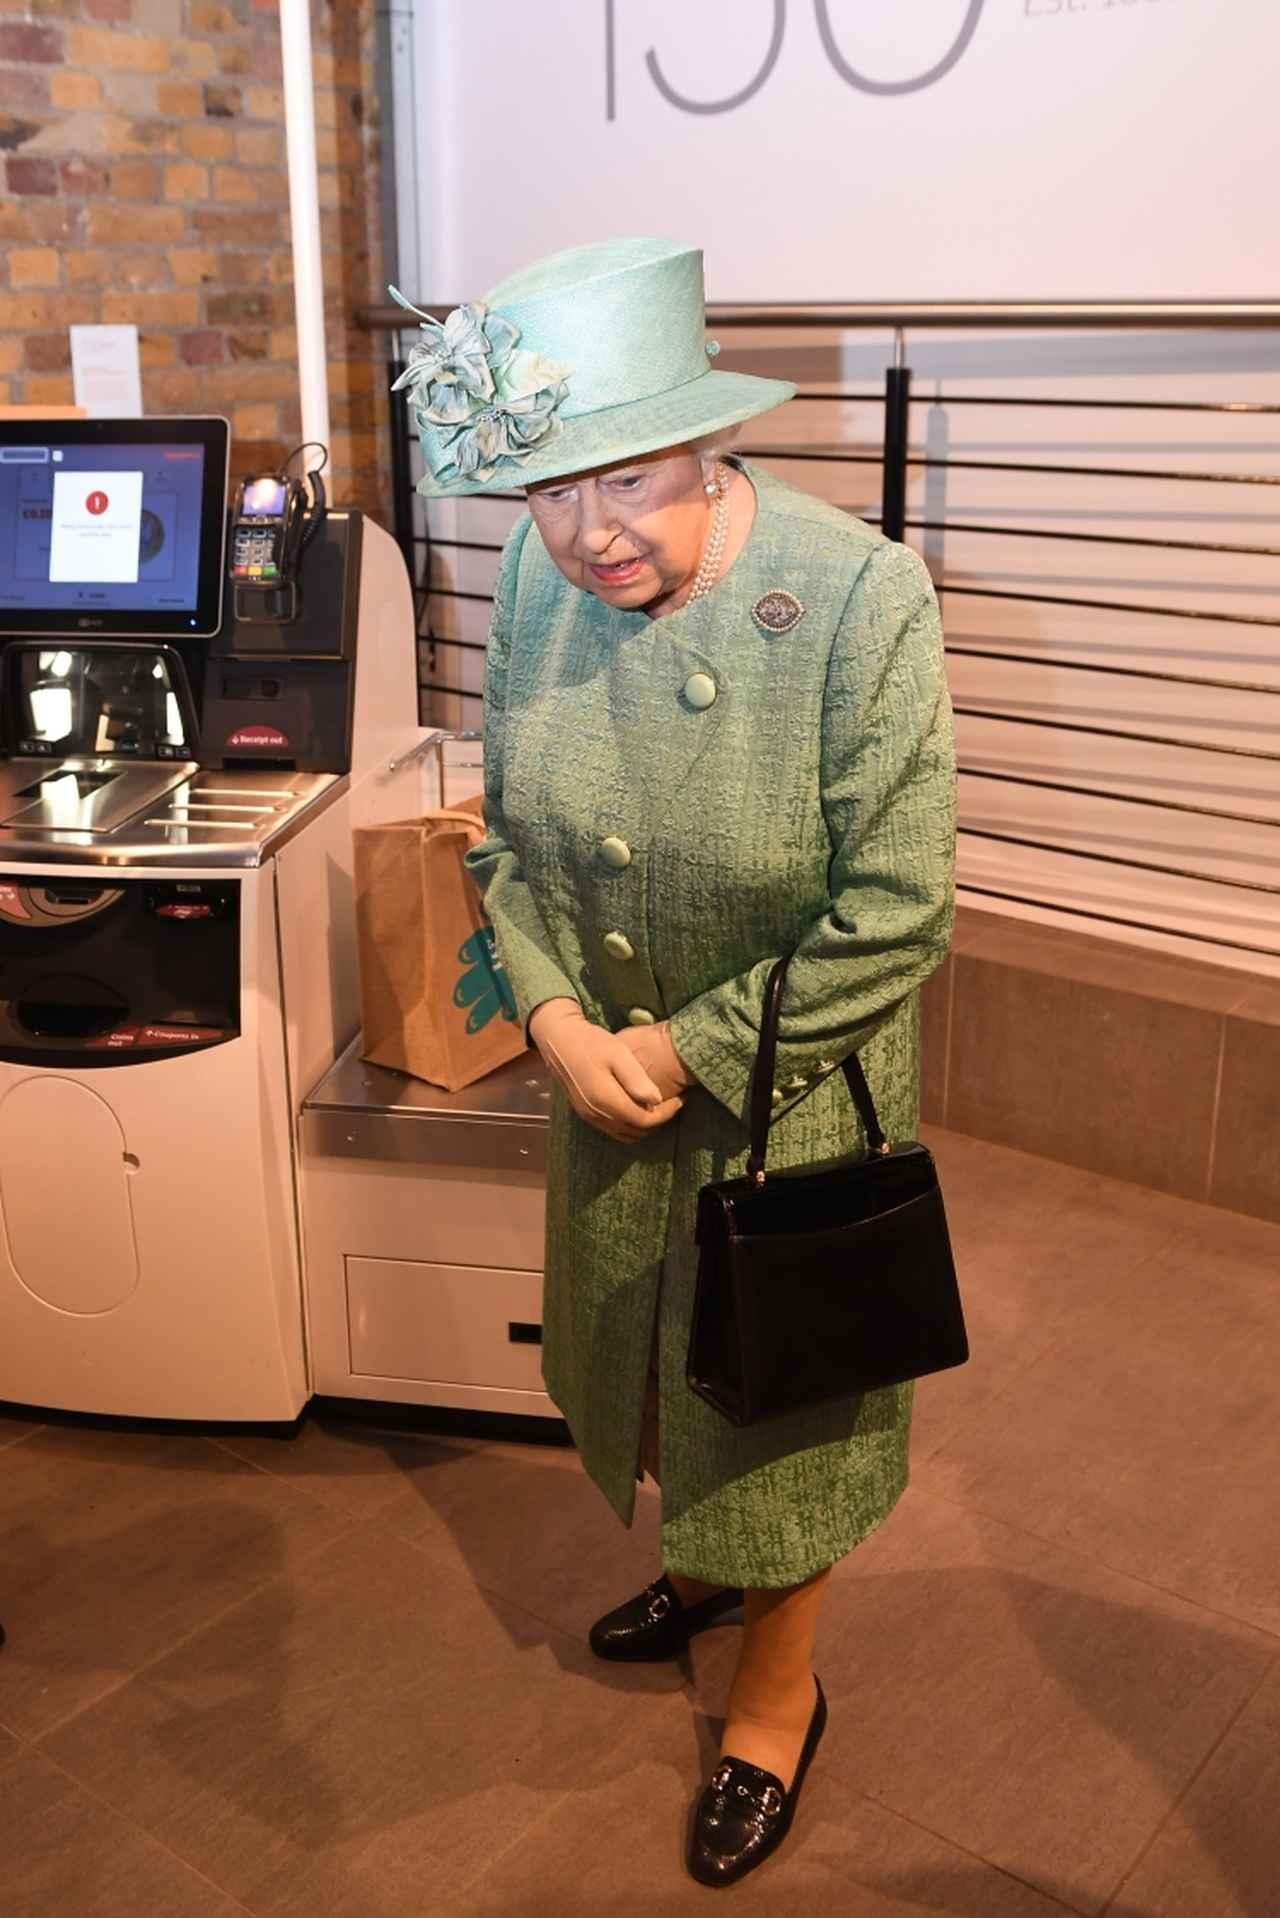 画像4: エリザベス女王、「セルフレジ」初体験した感想がチャーミング